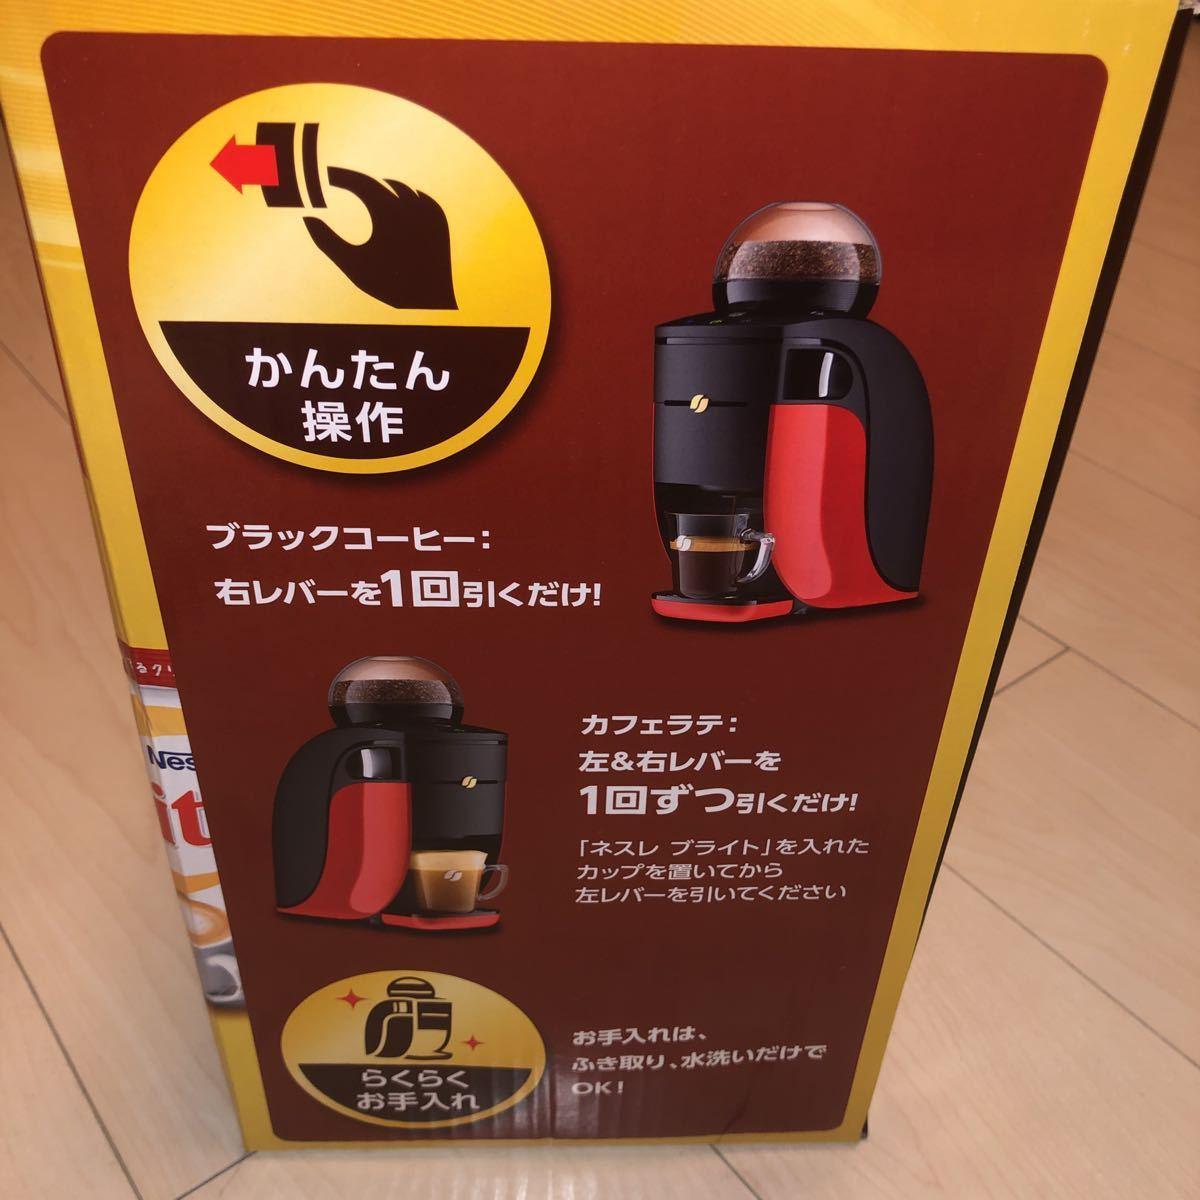 ネスカフェ バリスタ シンプル レッド NESCAFE Barista simple SPM9636 新品 送料込